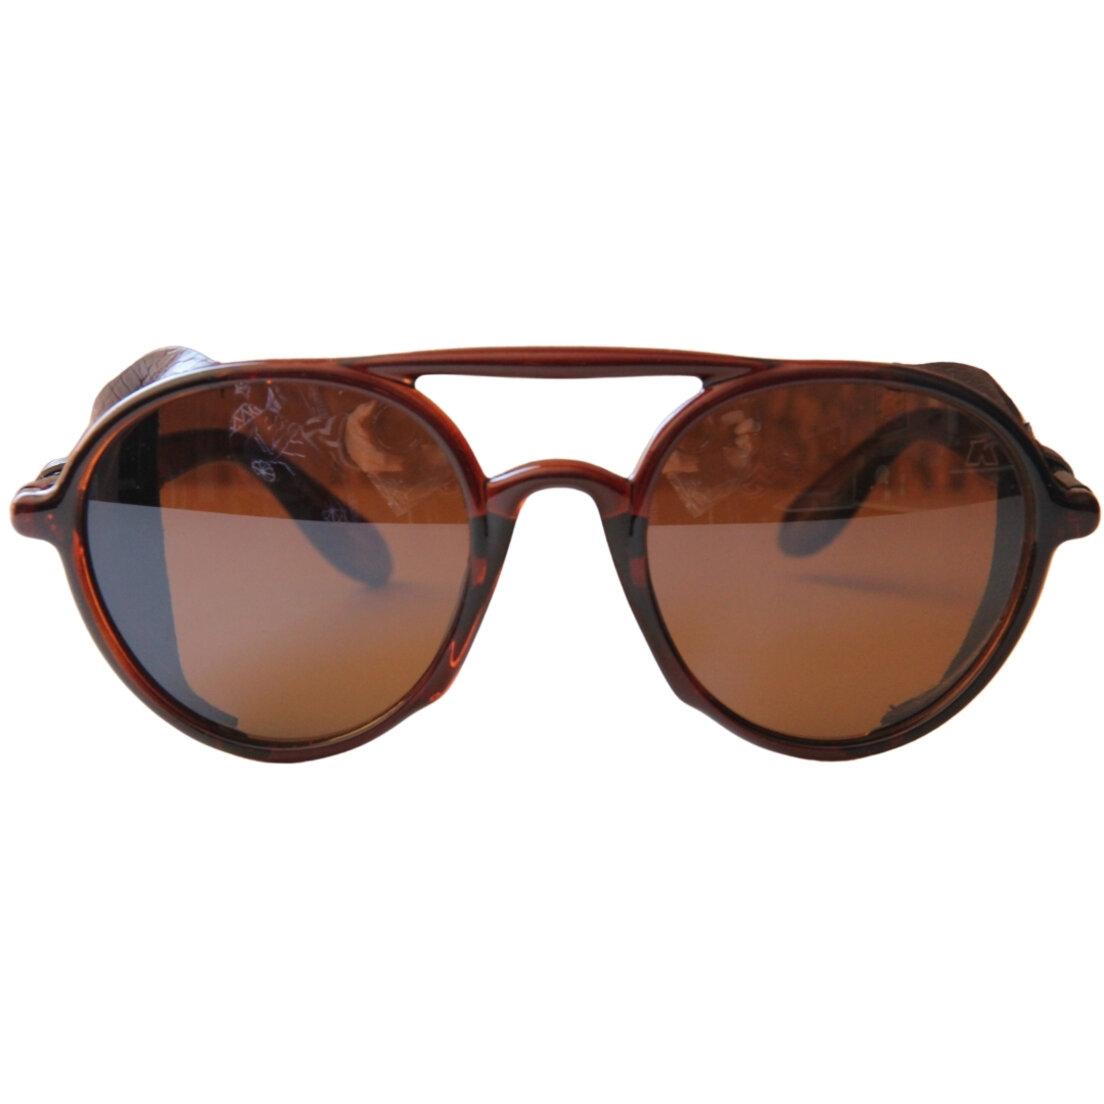 OUTLET - Óculos de Sol Khatto Caçador Rêtro - Marrom